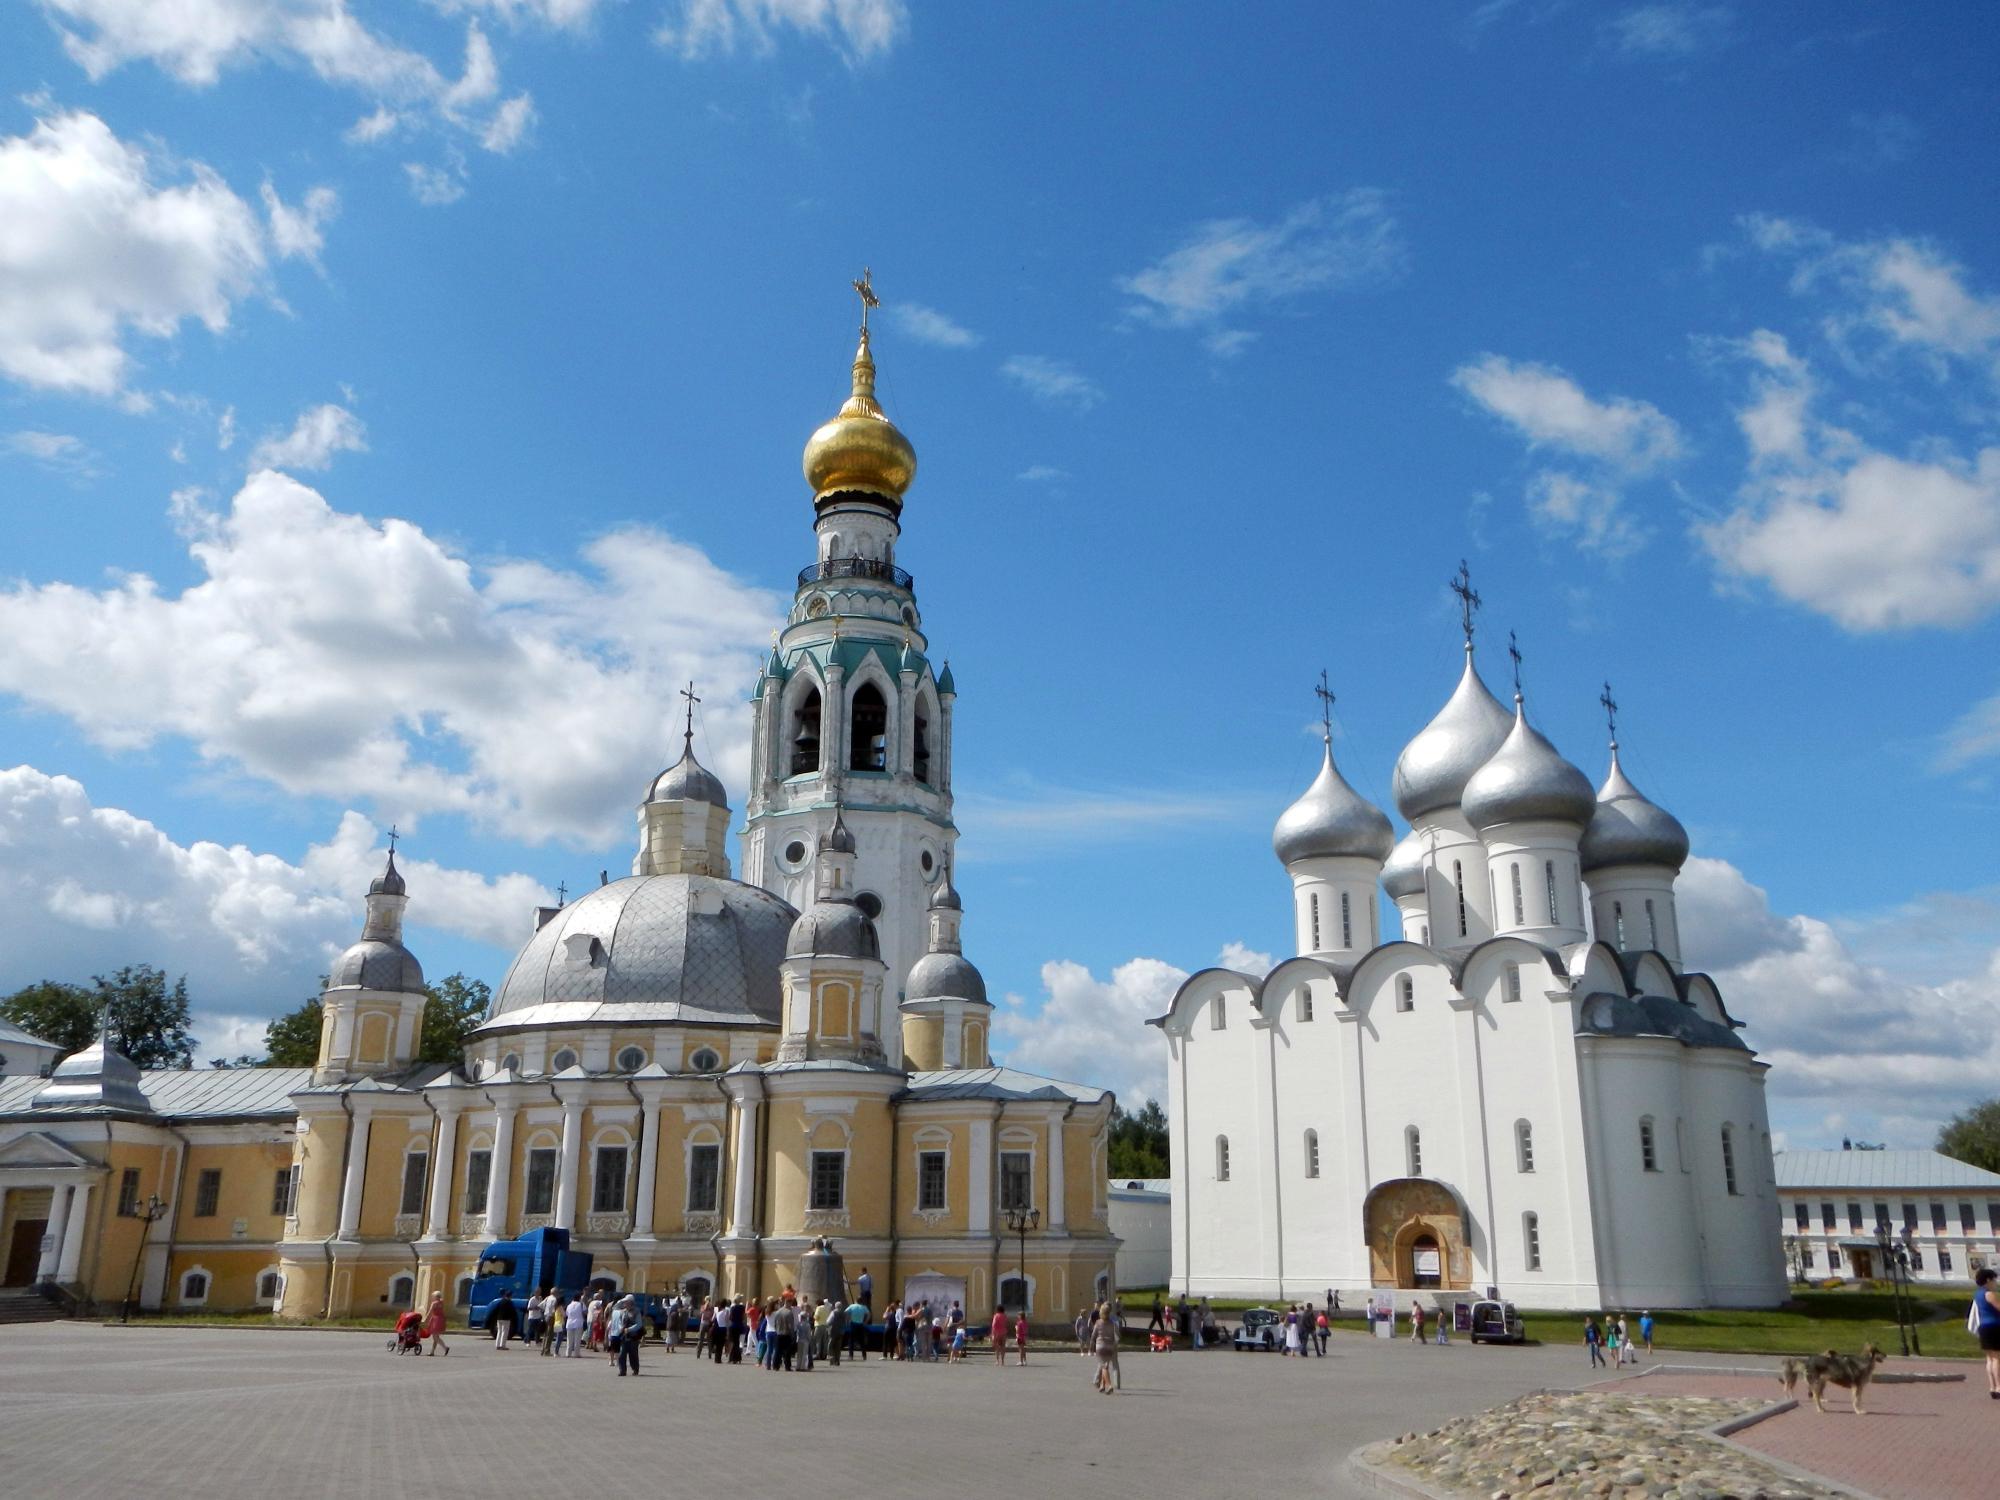 Колокольня Вологодского Кремля